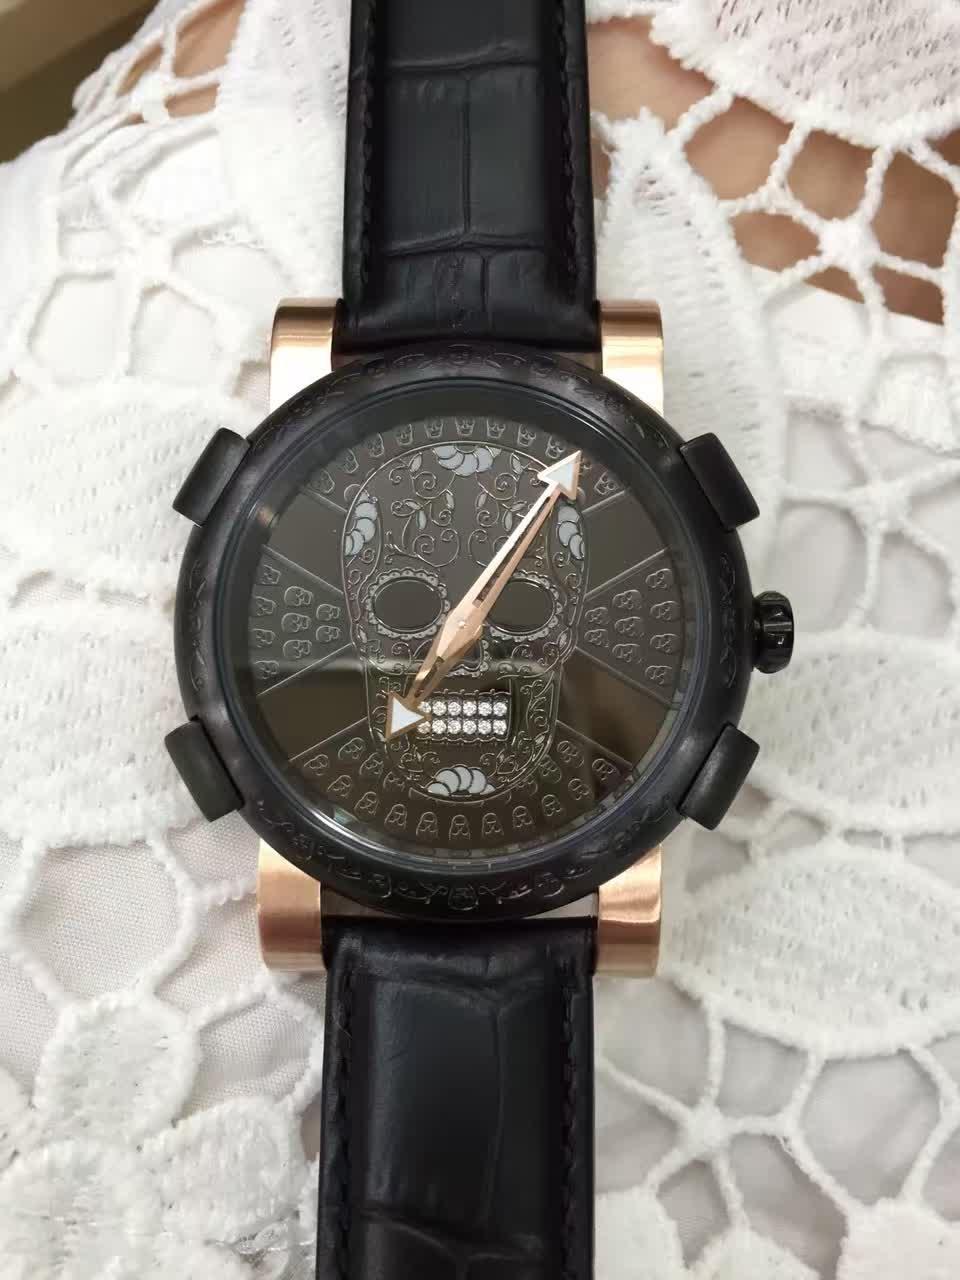 Yeni Moda Siyah ve Gül Altın Paslanmaz Çelik Erkekler Elbise Kol Saatleri Kuvars Kafatası Erkekler Için Izle Erkekler Hediye Saatler